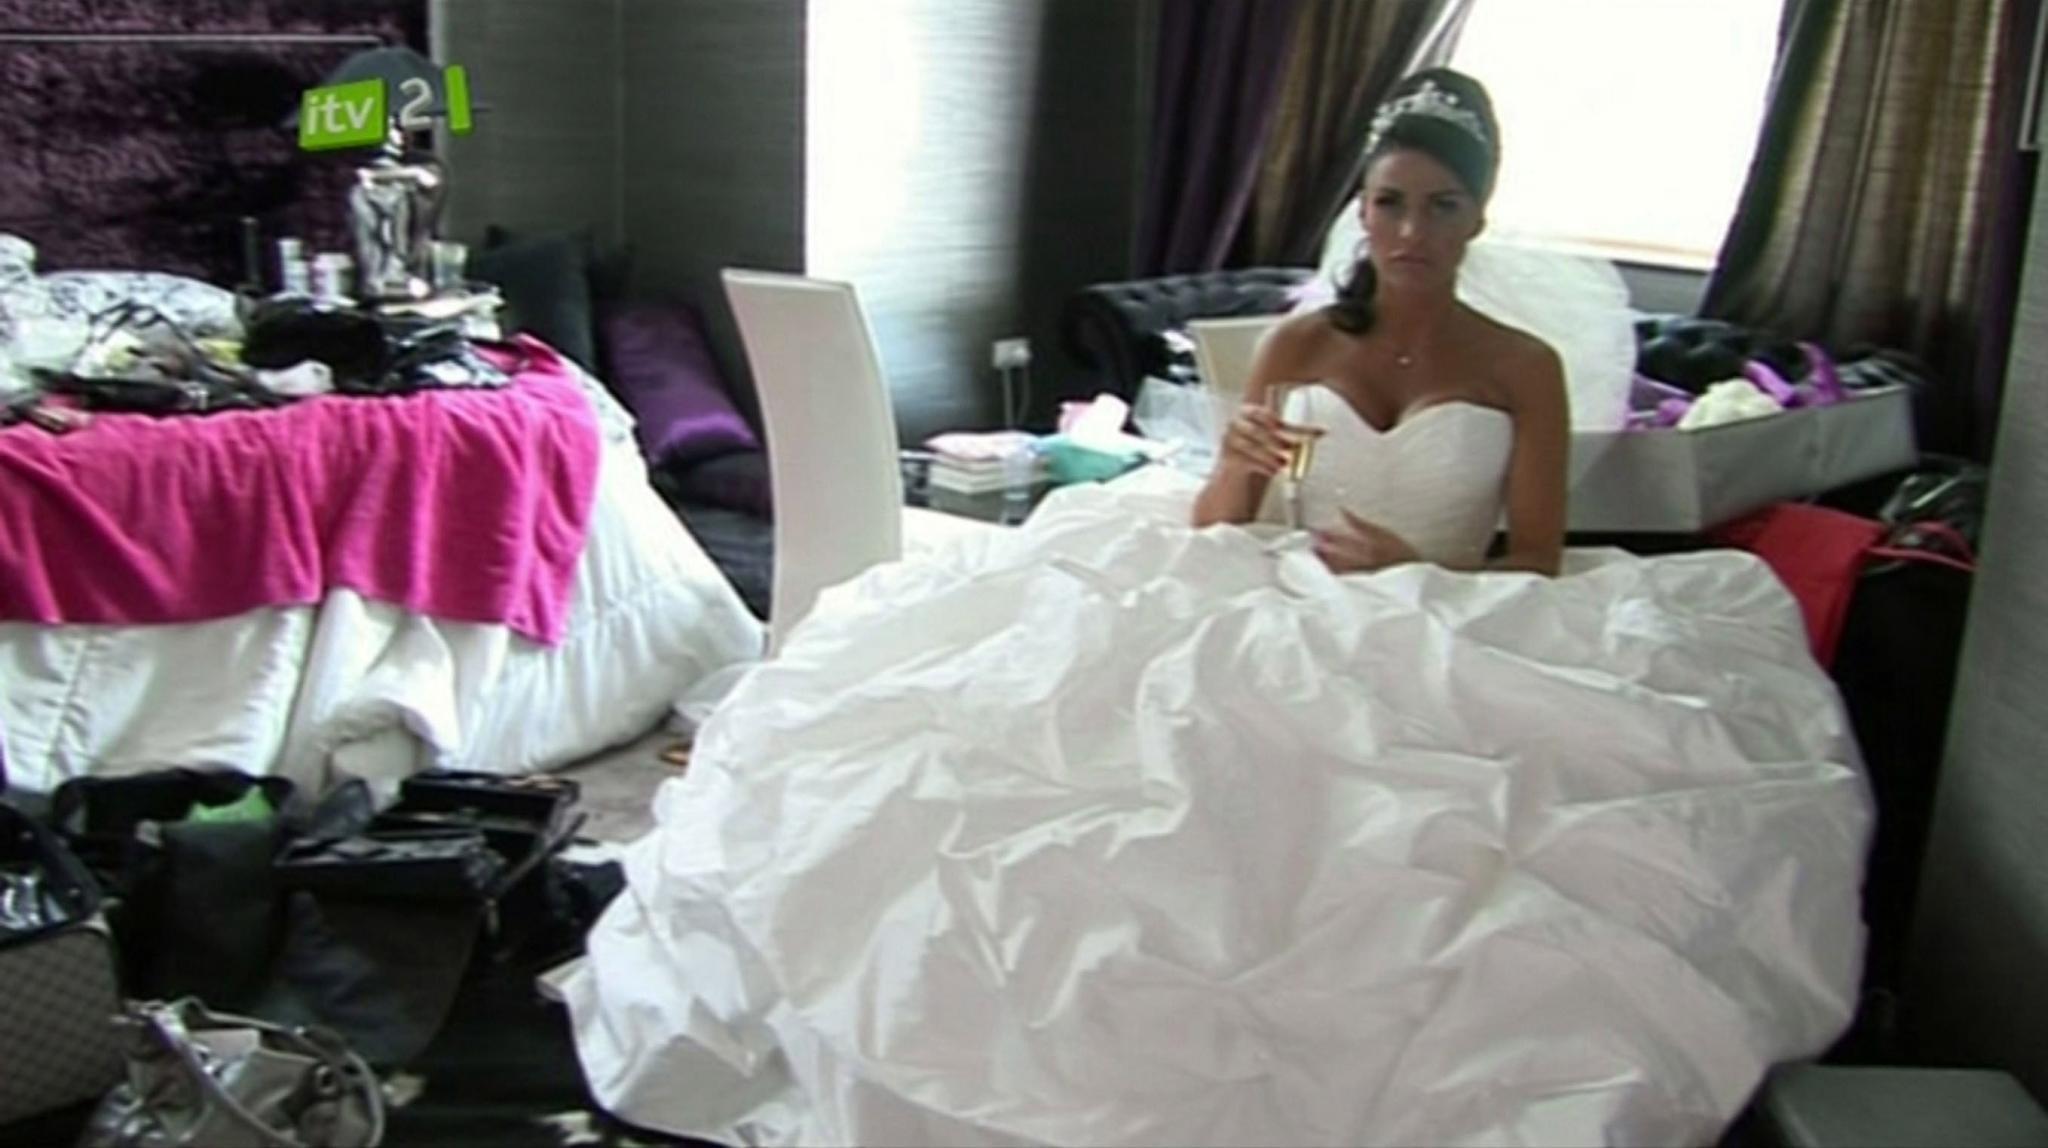 Die britische Entertainerin Katie Price trat nicht nur einmal, sondern gleich dreimal vor den Traualtar. Bei ihrer Hochzeit mit Ehemann Nr. 2, dem Kampfsportler Alex Reid, entschied sie sich für dieses Sahnebaiser-ähnliche Brautkleid. Die Zeremonie in Las Vegas wurde von einem britischen TV-Sender begleitet.